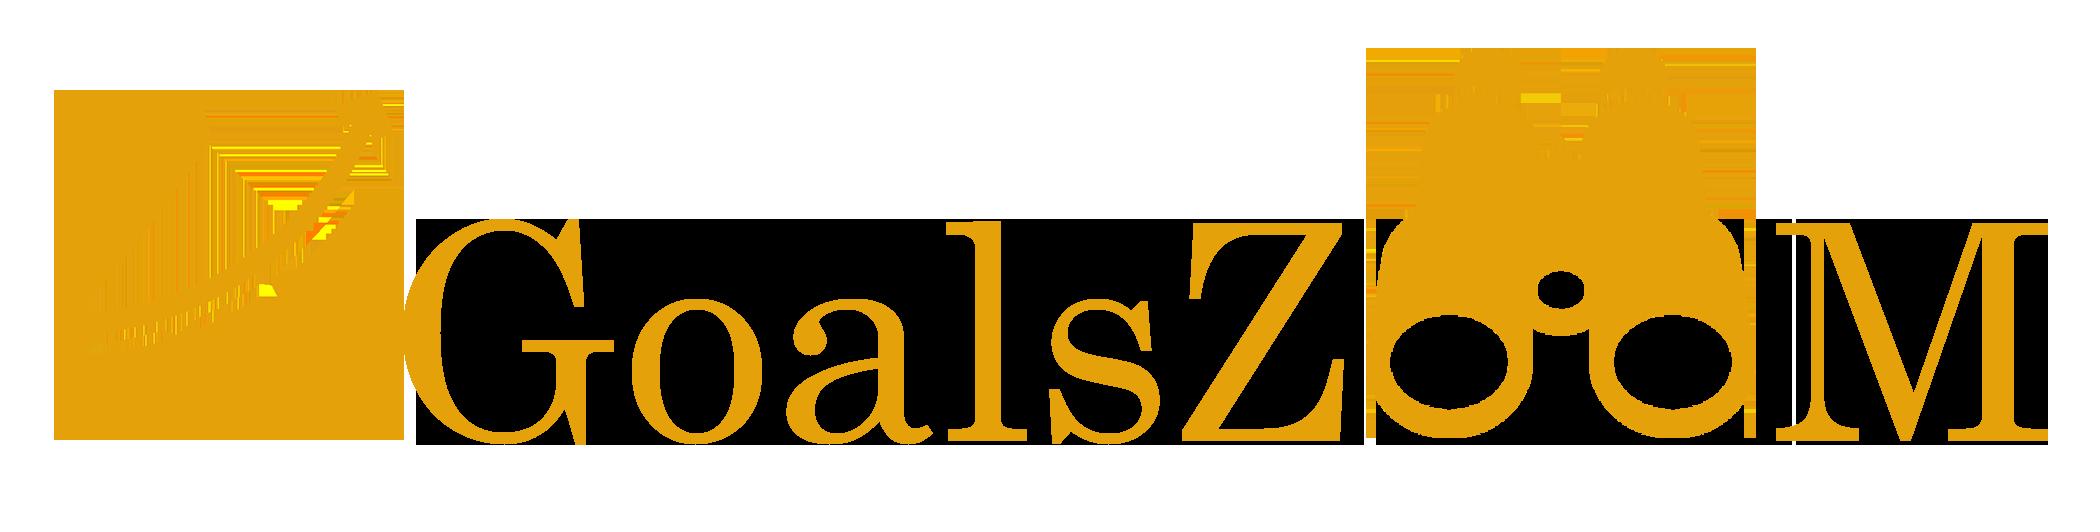 Goals Zoom